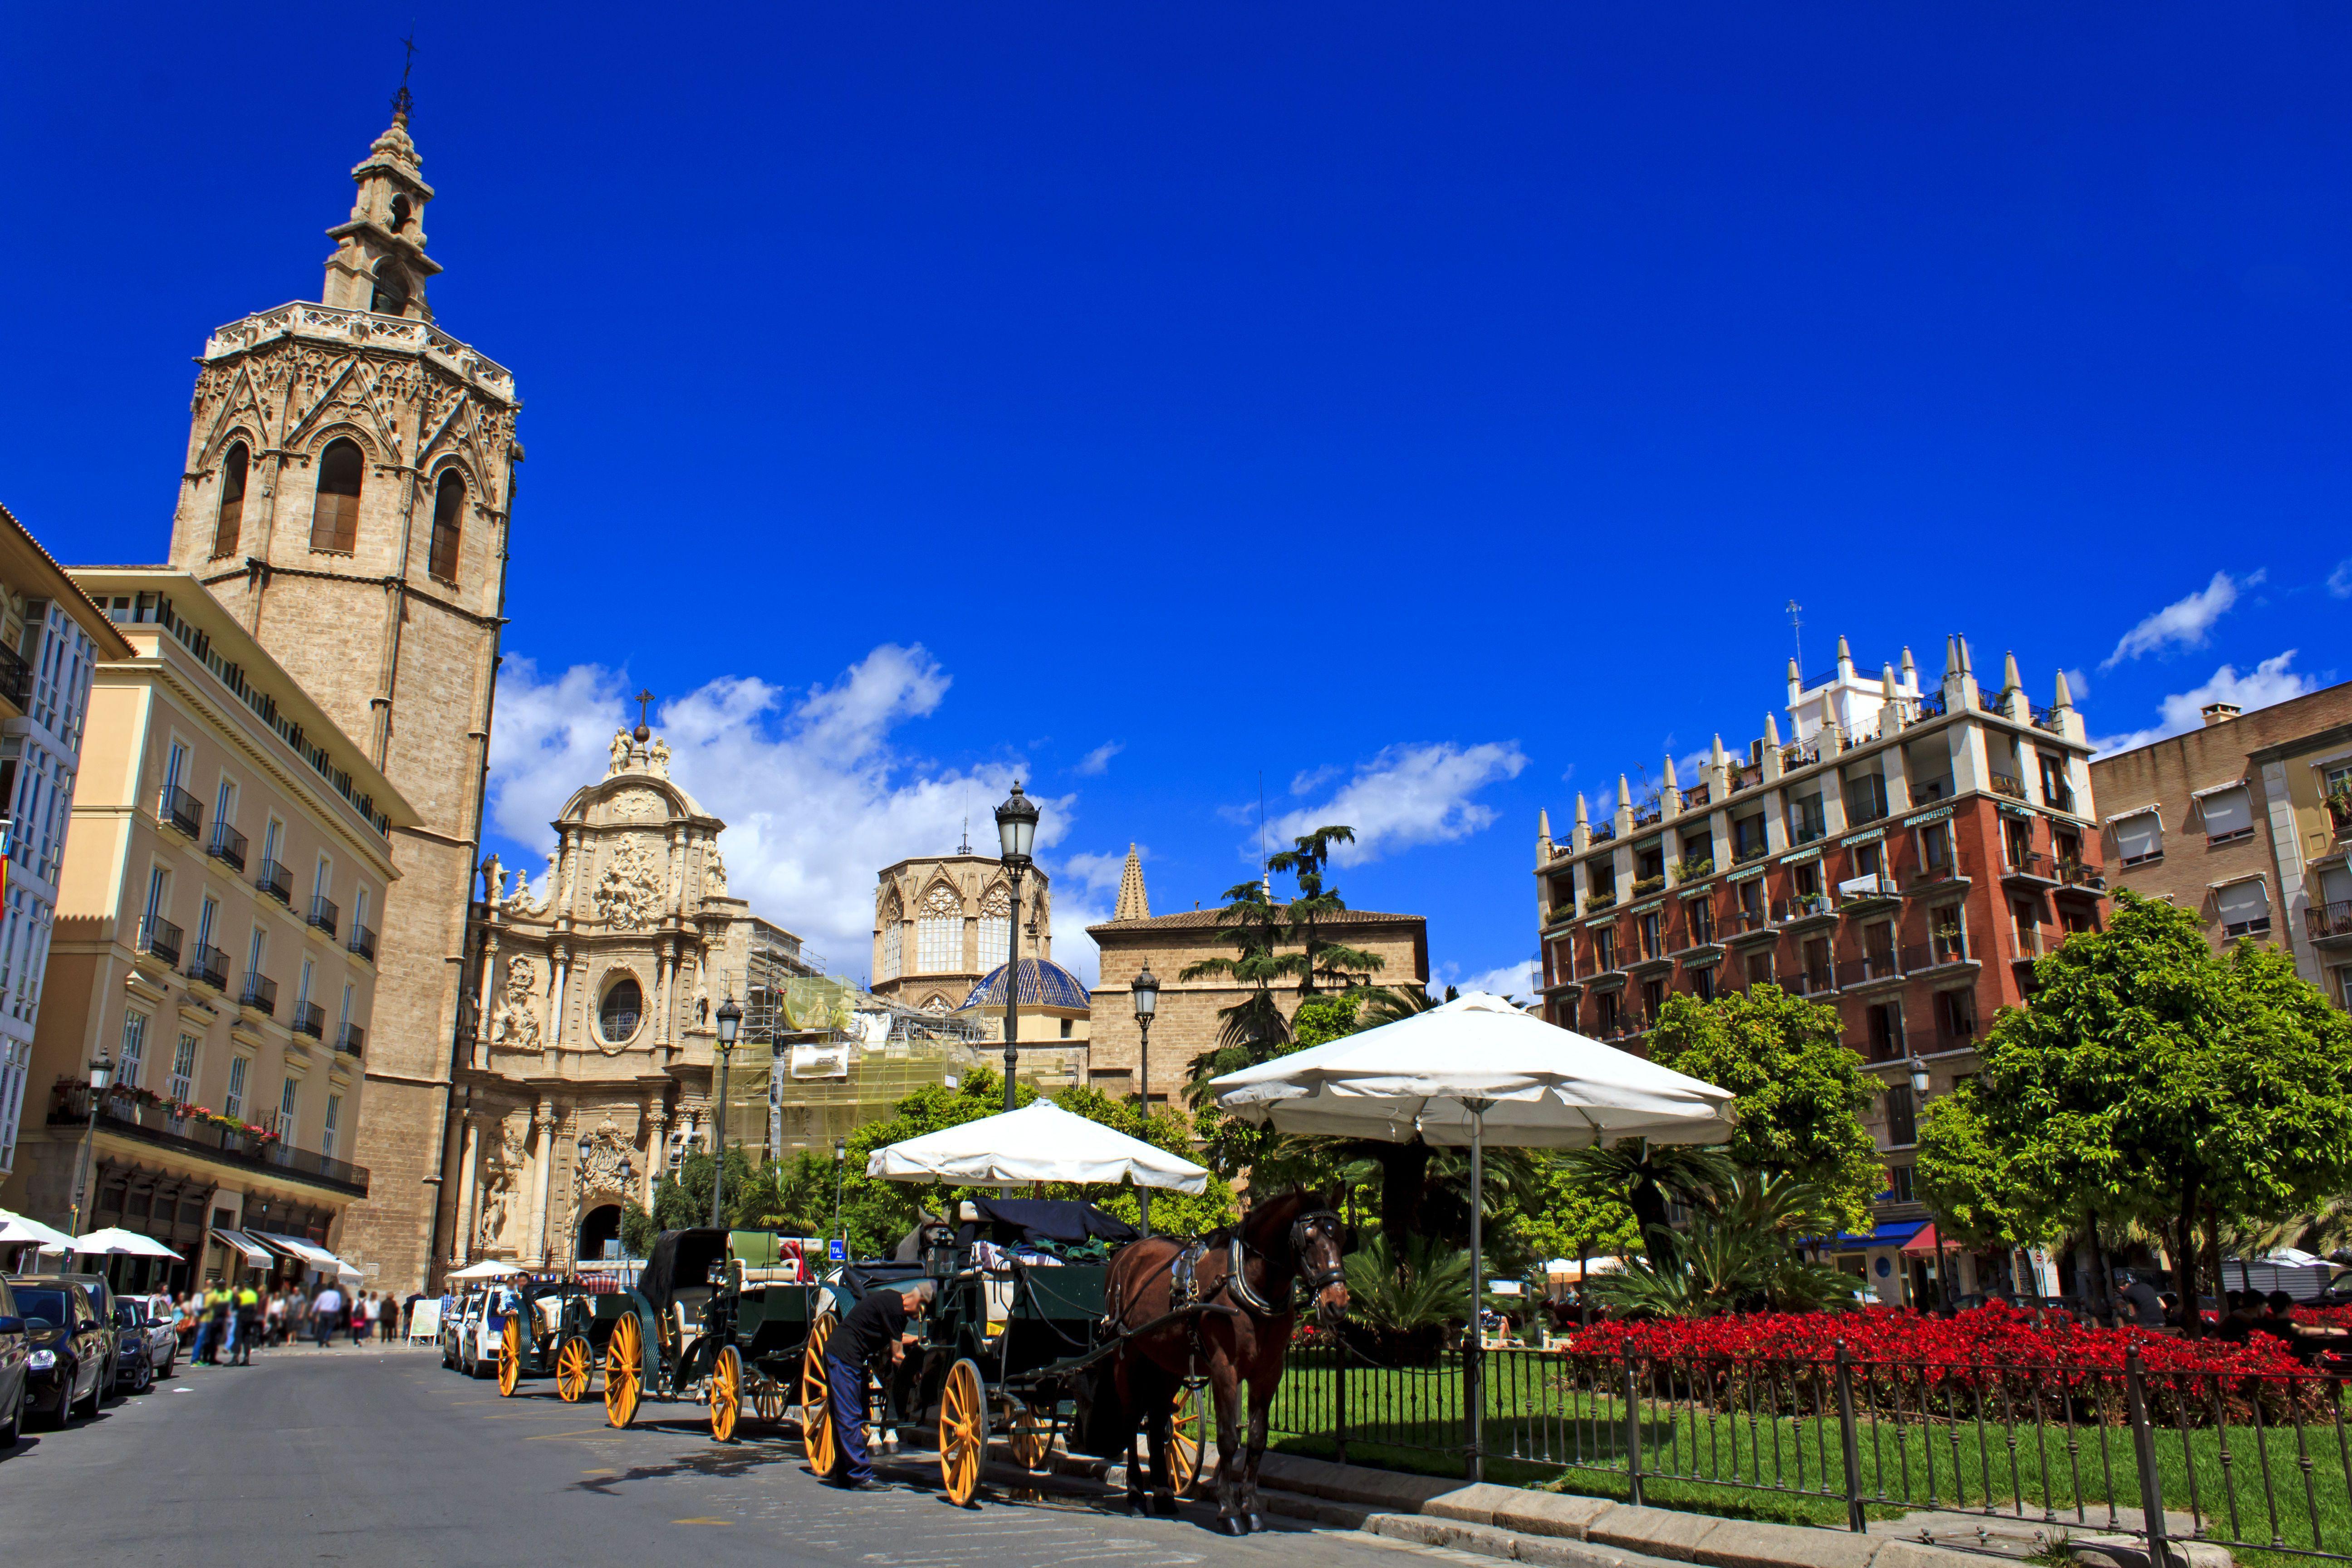 Plaza de la Reina in Valencia